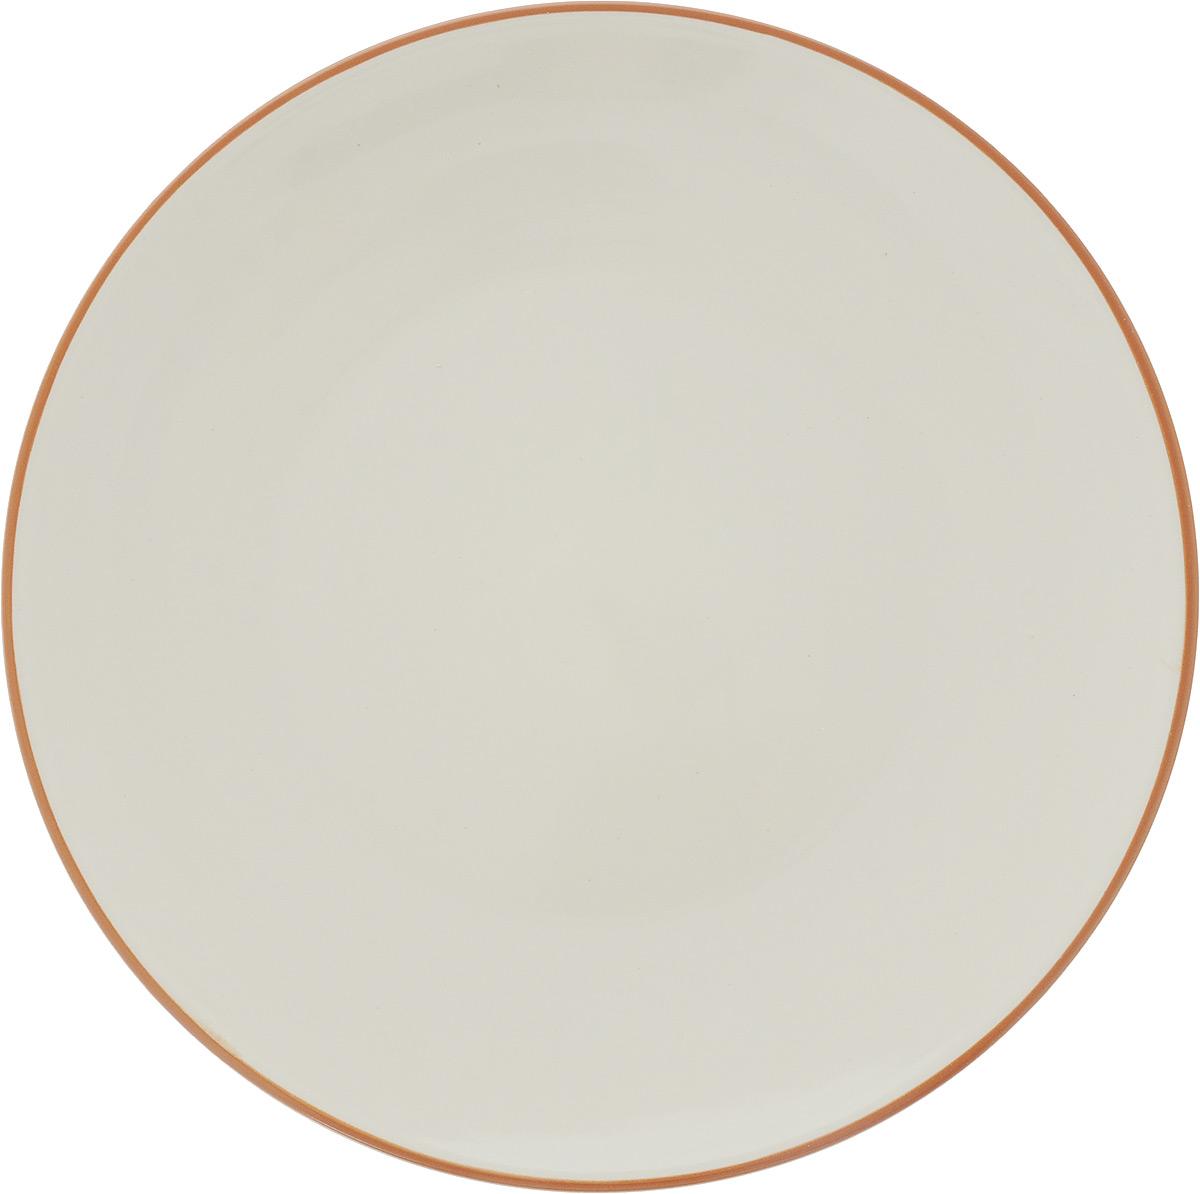 Тарелка обеденная Ломоносовская керамика, диаметр 24 см54 009312Обеденная тарелка Ломоносовская керамика изготовлена из глины. Тарелка Ломоносовская керамика впишется в любой интерьер современной кухни и станет отличным подарком для вас и ваших близких.Диаметр тарелки: 24 см. Высота: 2 см.